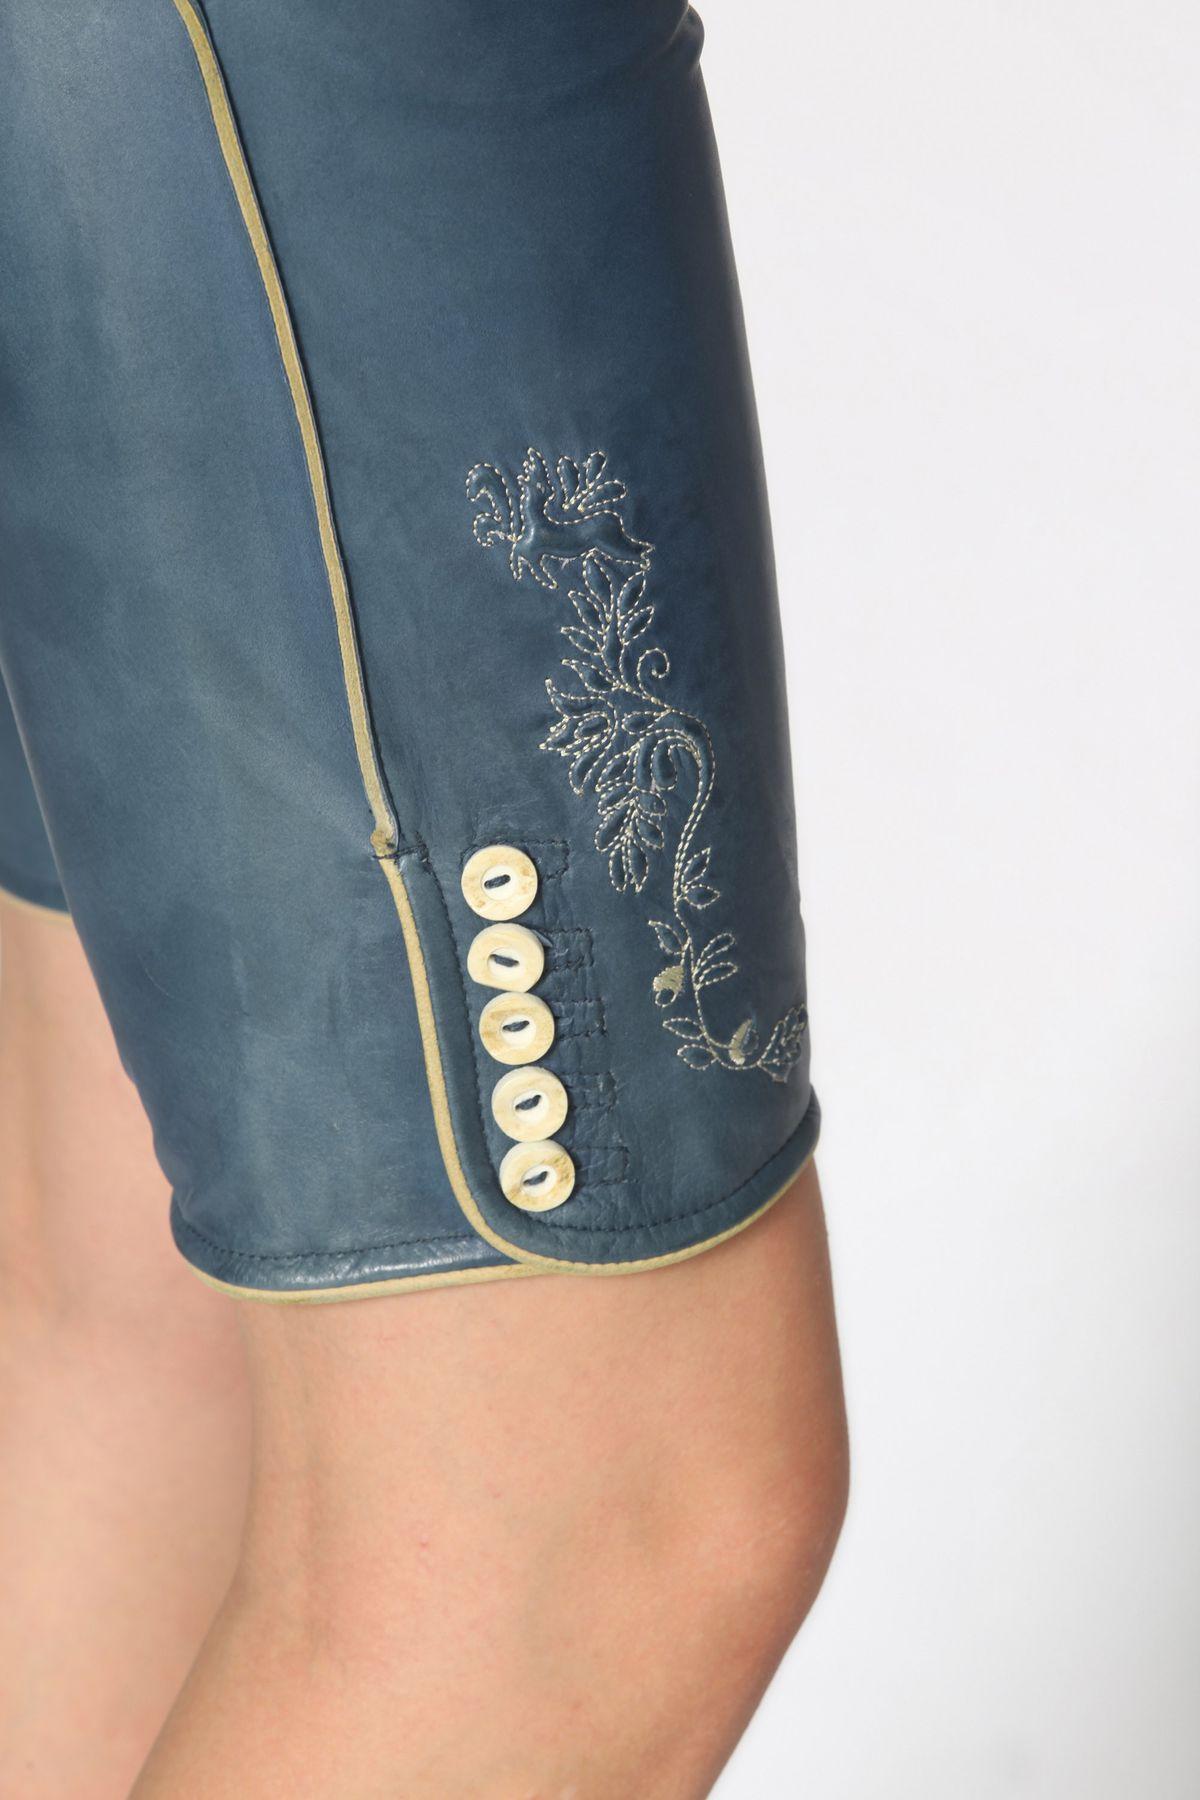 Stockerpoint - Damen Trachten Lederhose aus Ziegen Nappa Leder, Knielang,  Pam – Bild 11